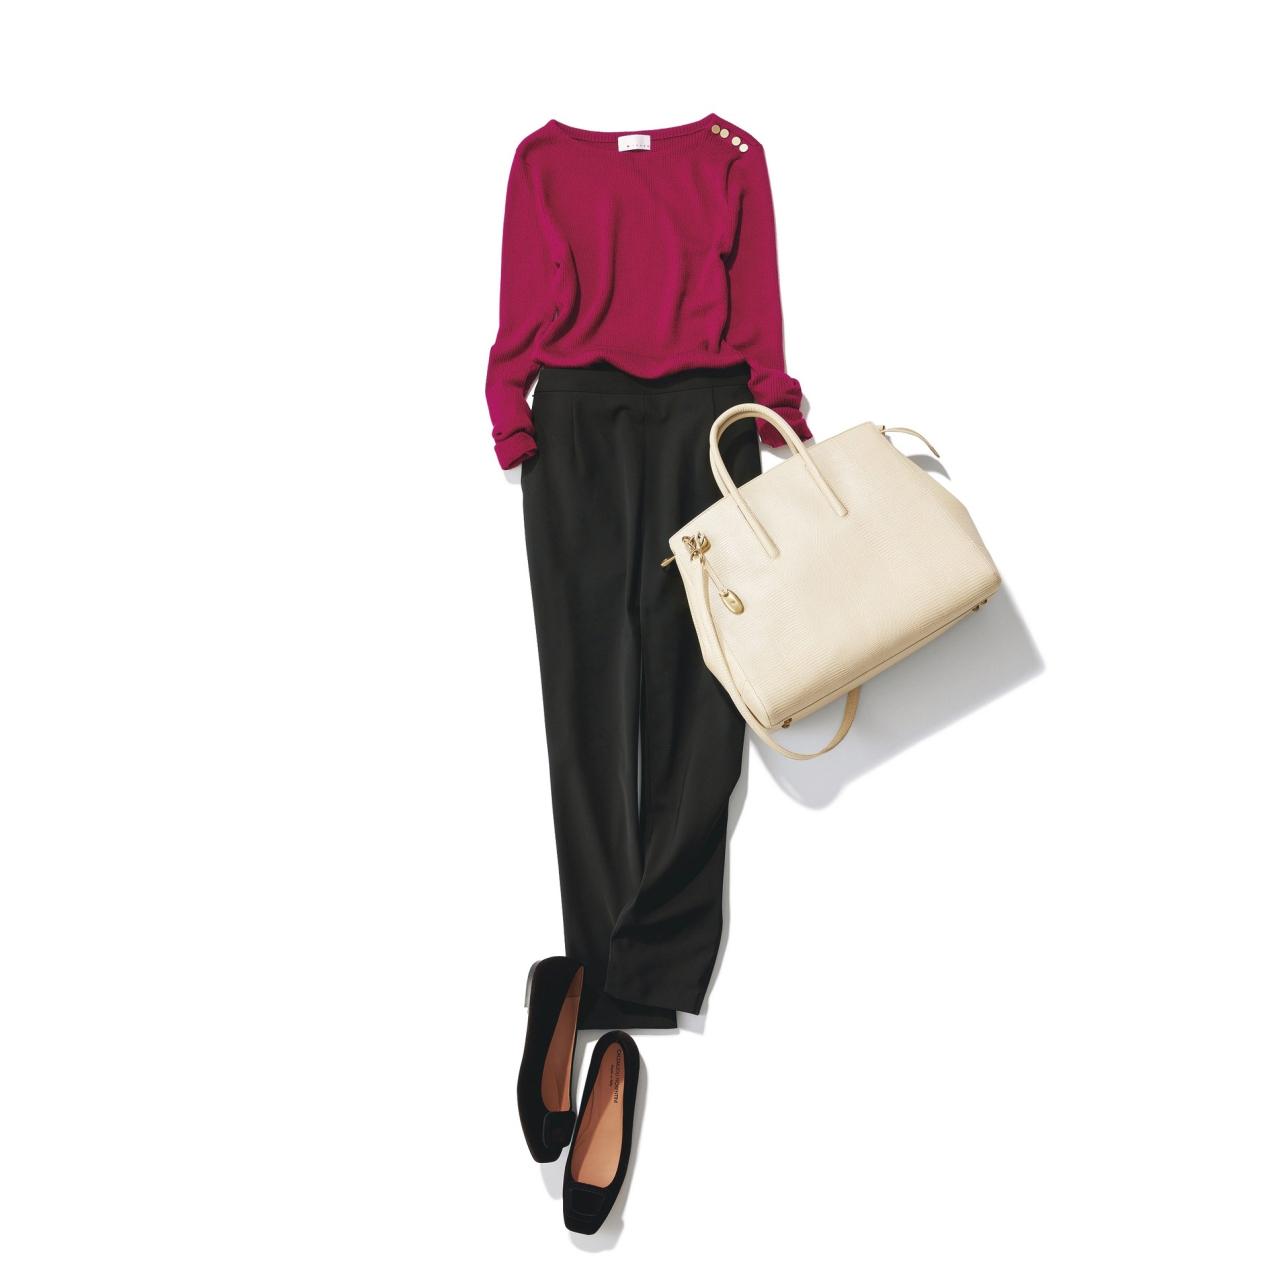 赤ニット×黒パンツのファッションコーデ